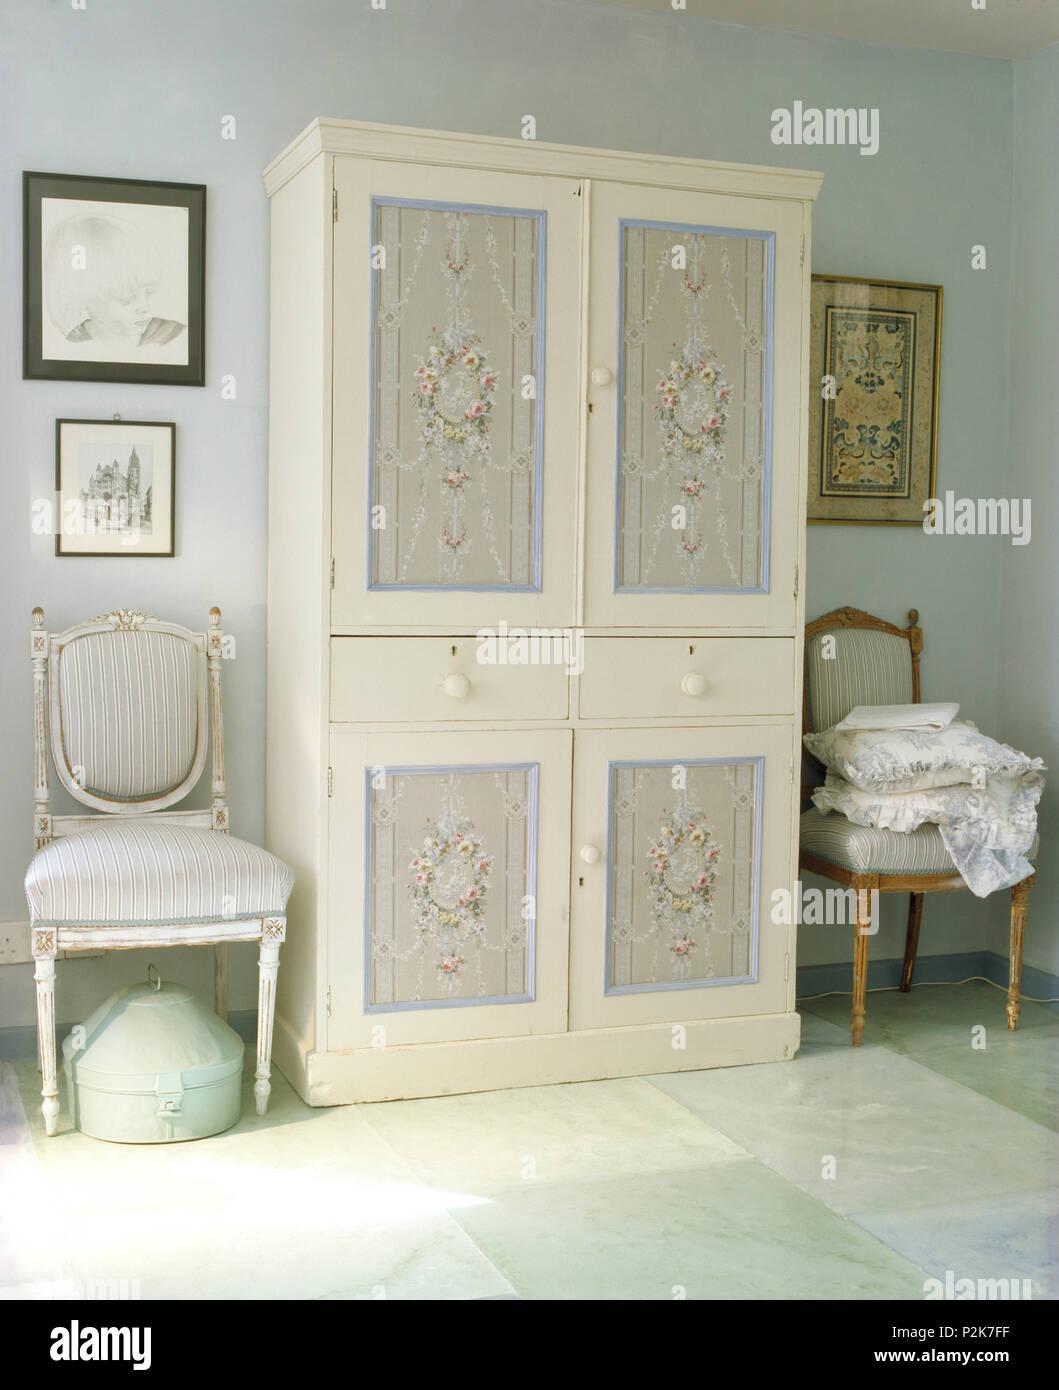 Style De Chaises Anciennes chaises anciennes de chaque côté de l'armoire peinte avec